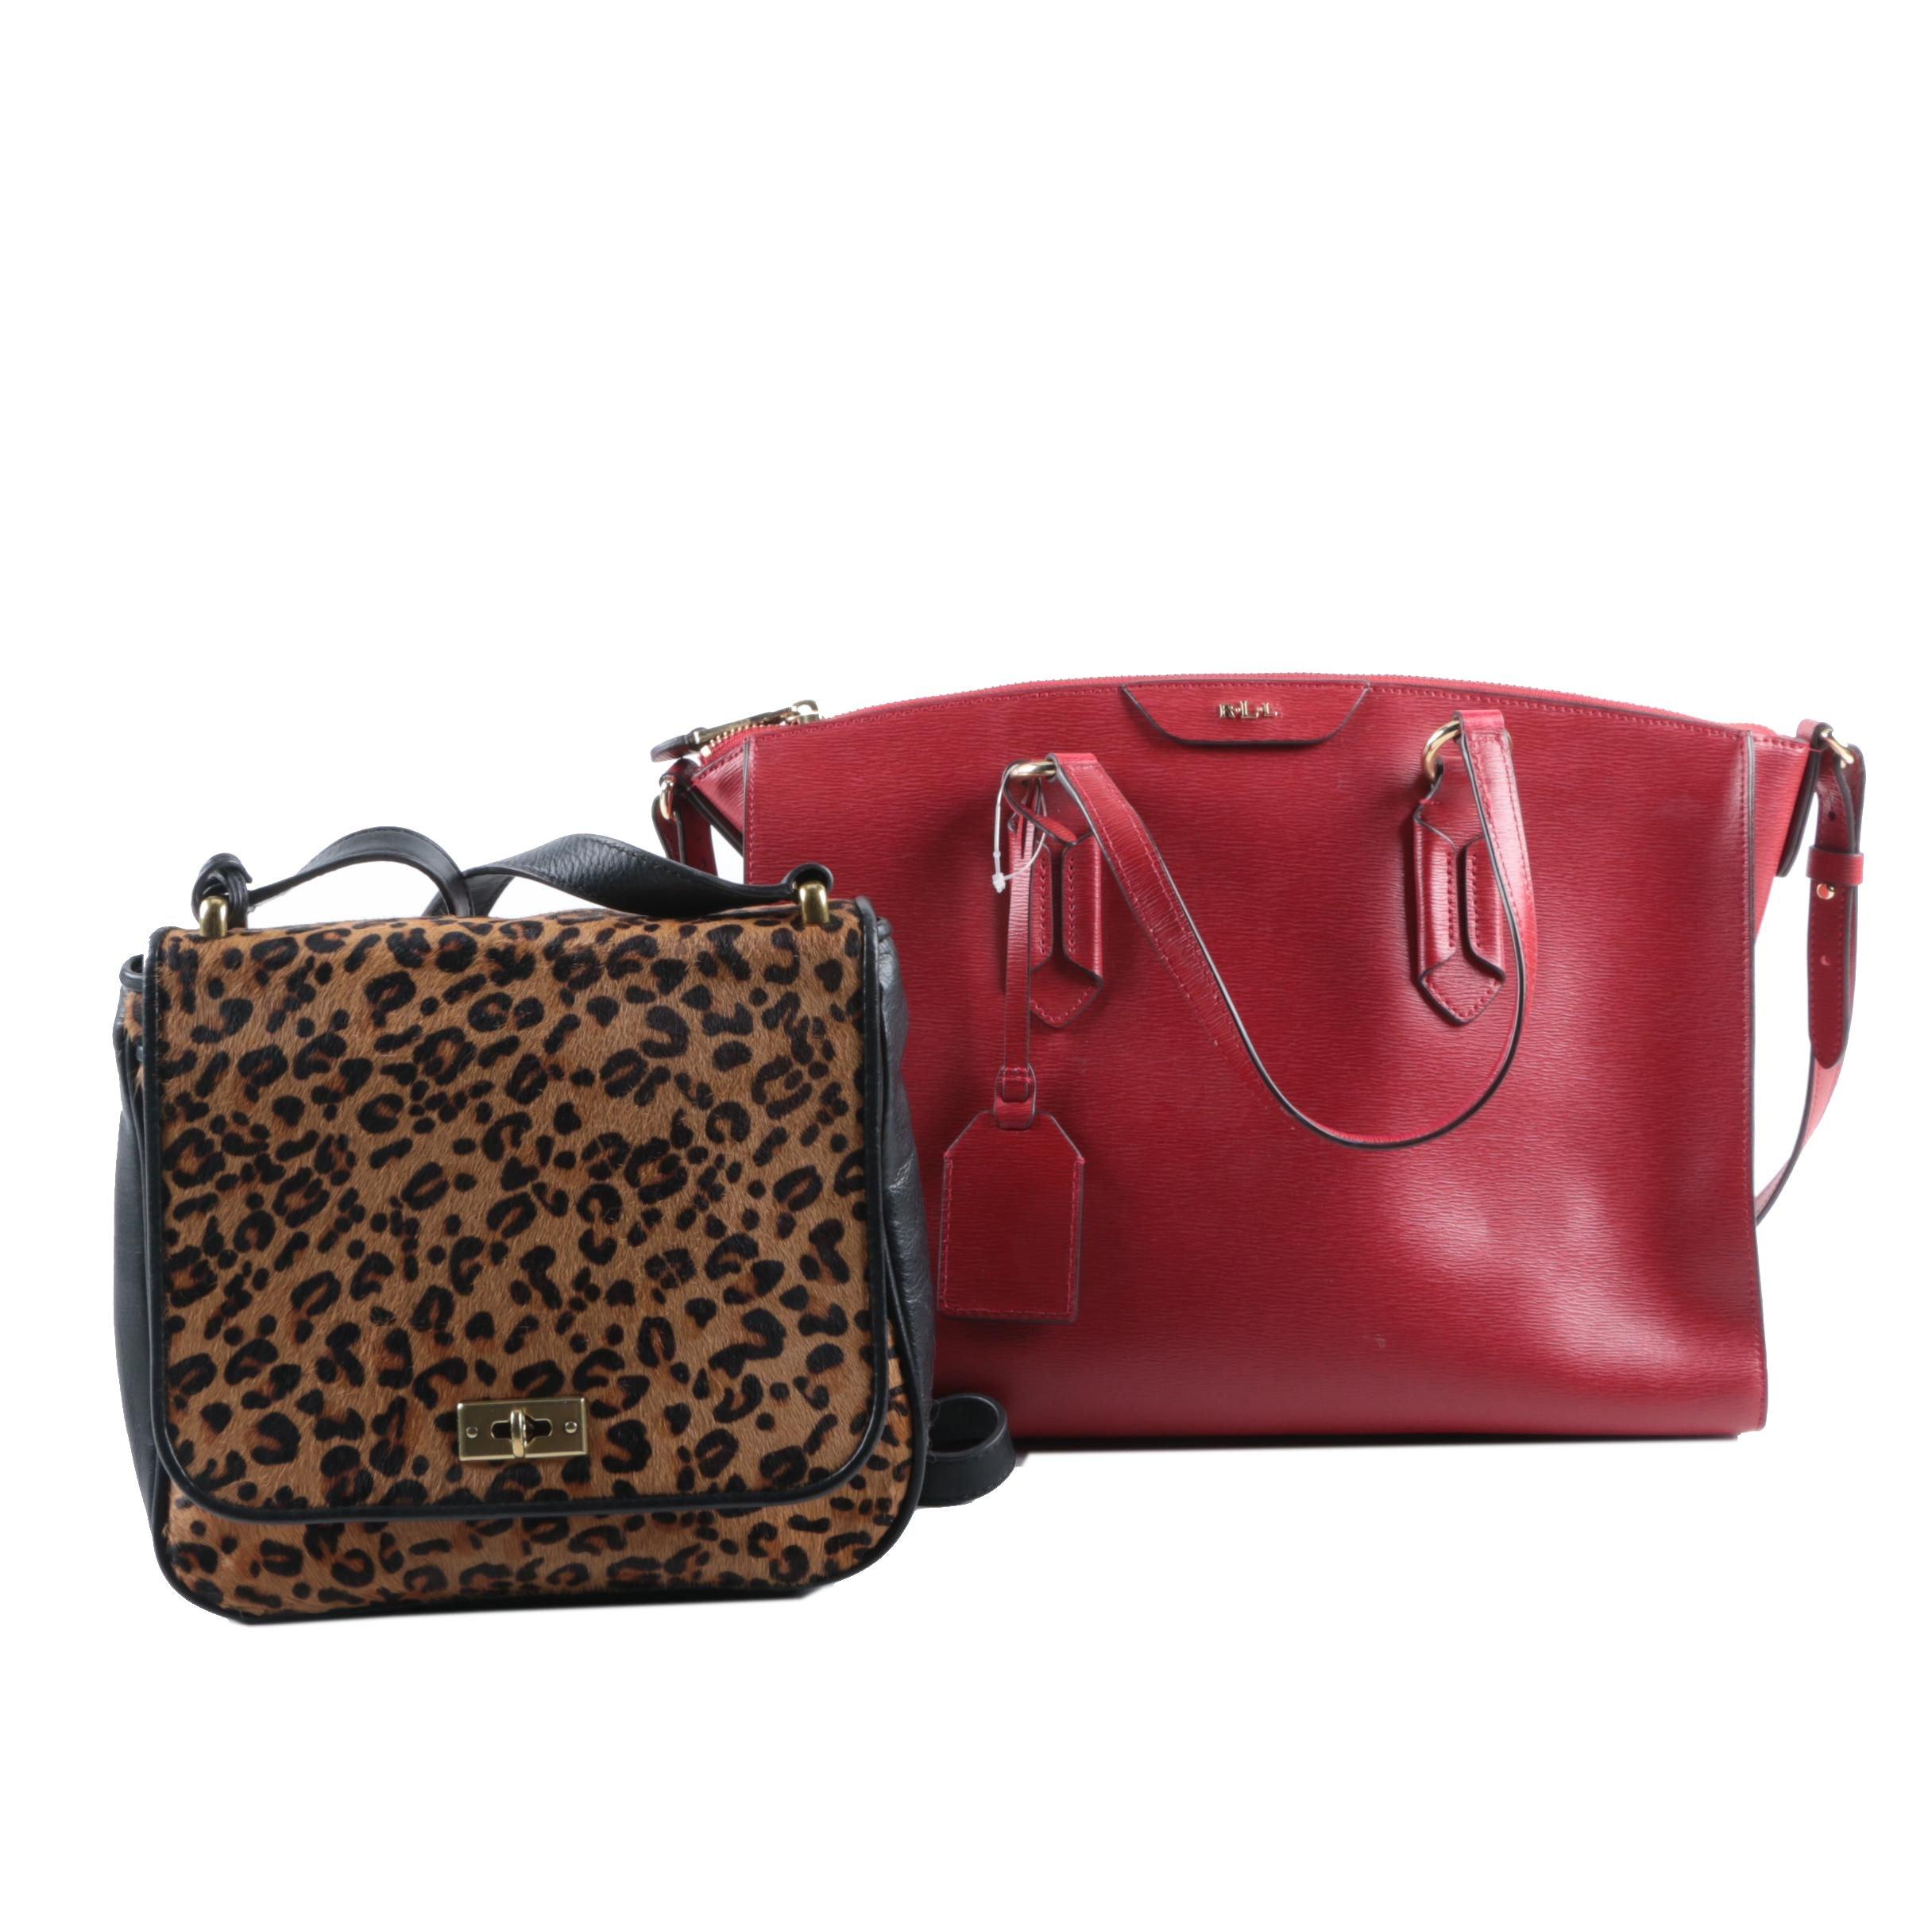 Lauren Ralph Lauren and Fossil Leather Handbags